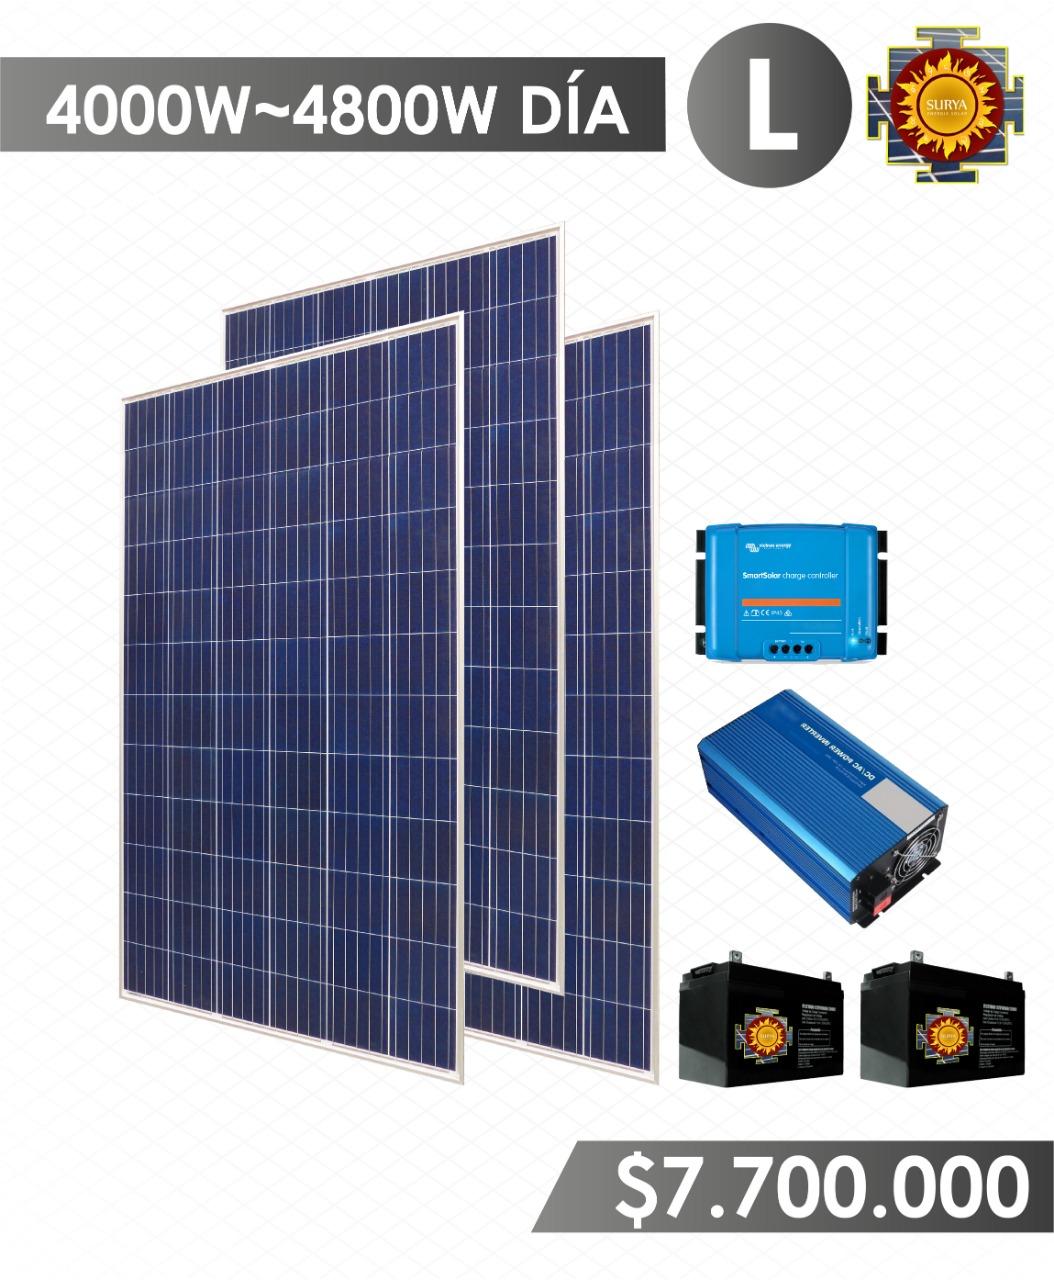 Planta solar autonoma 4000w a 4800w 1